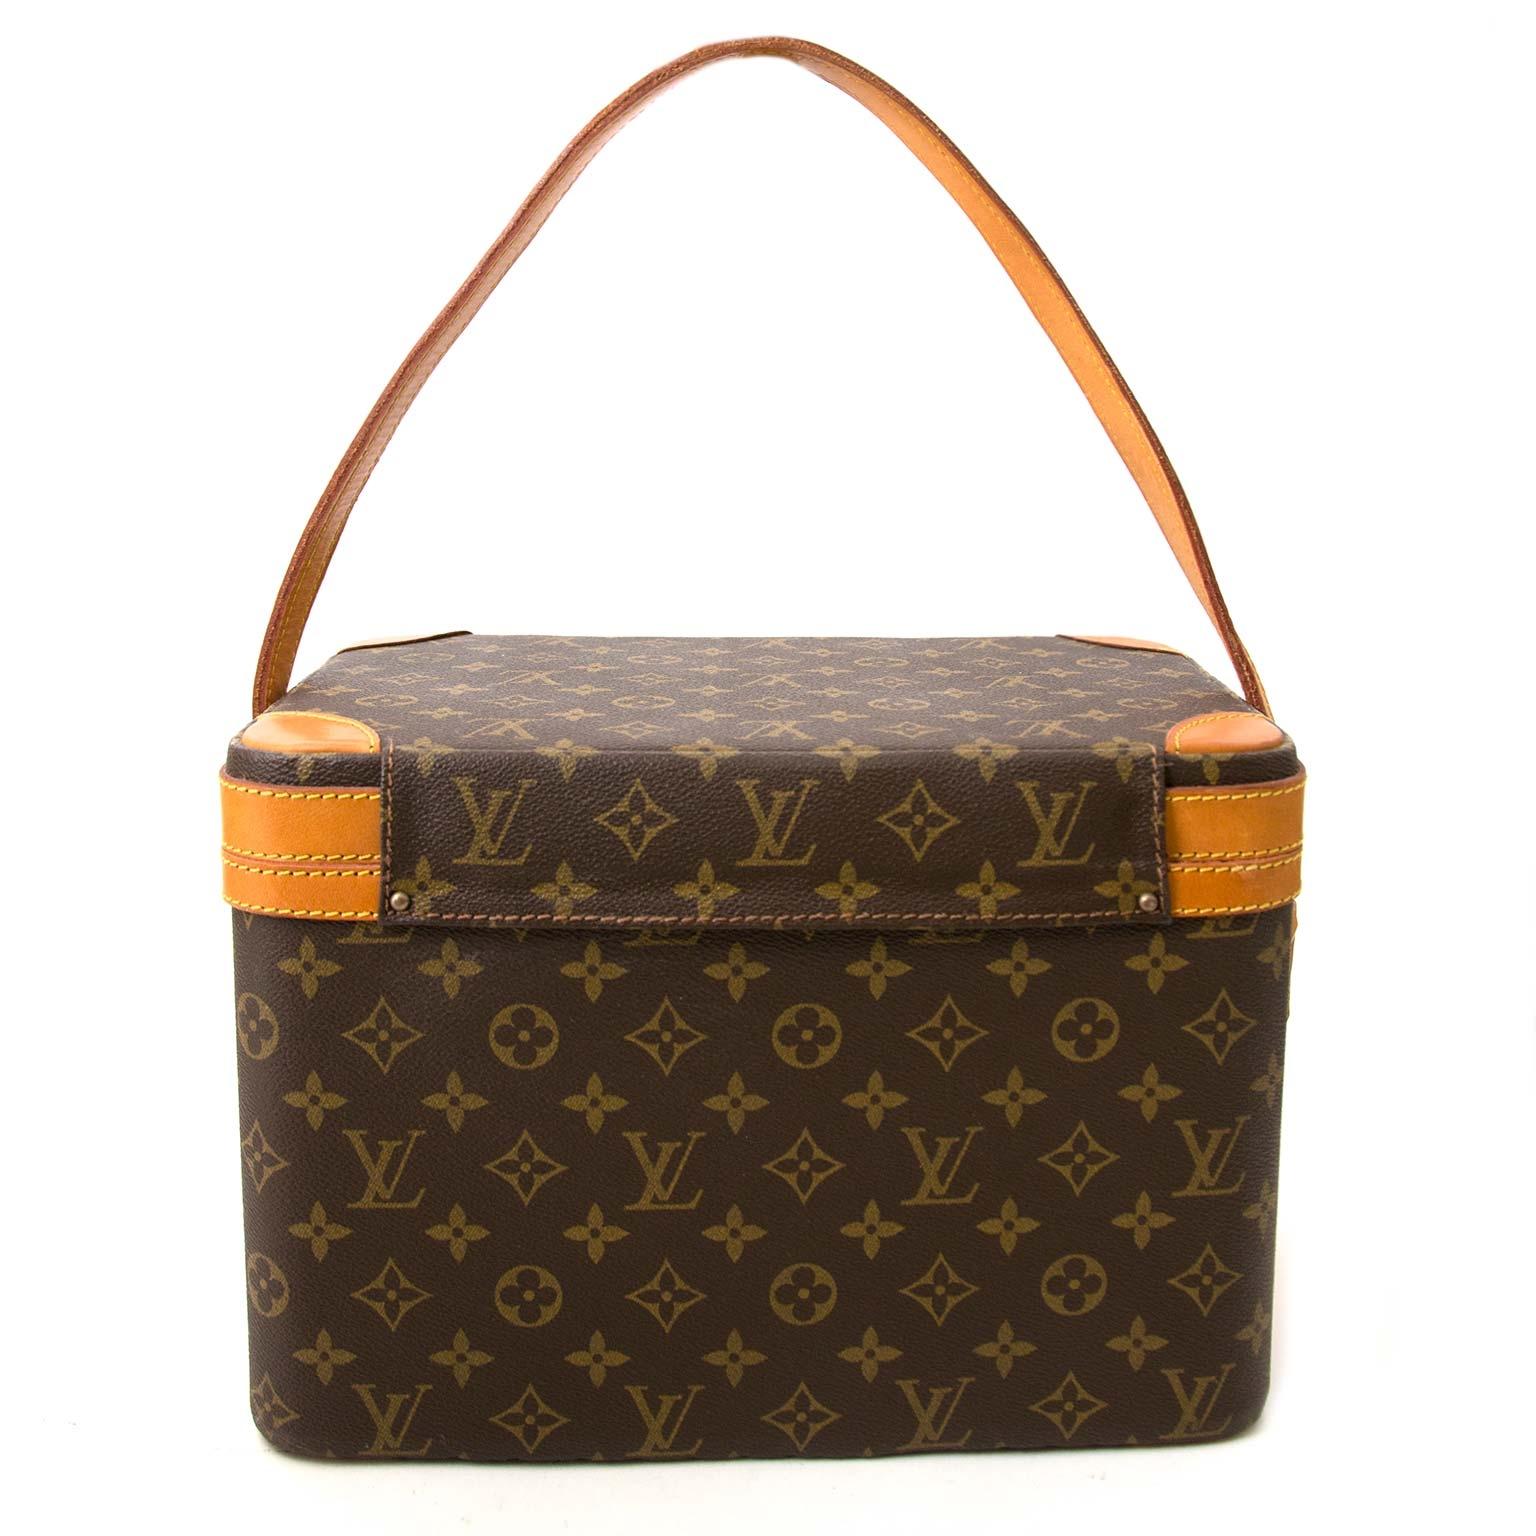 koop authentieke louis vuitton beautycase bij labellov vintage mode webshop belgië